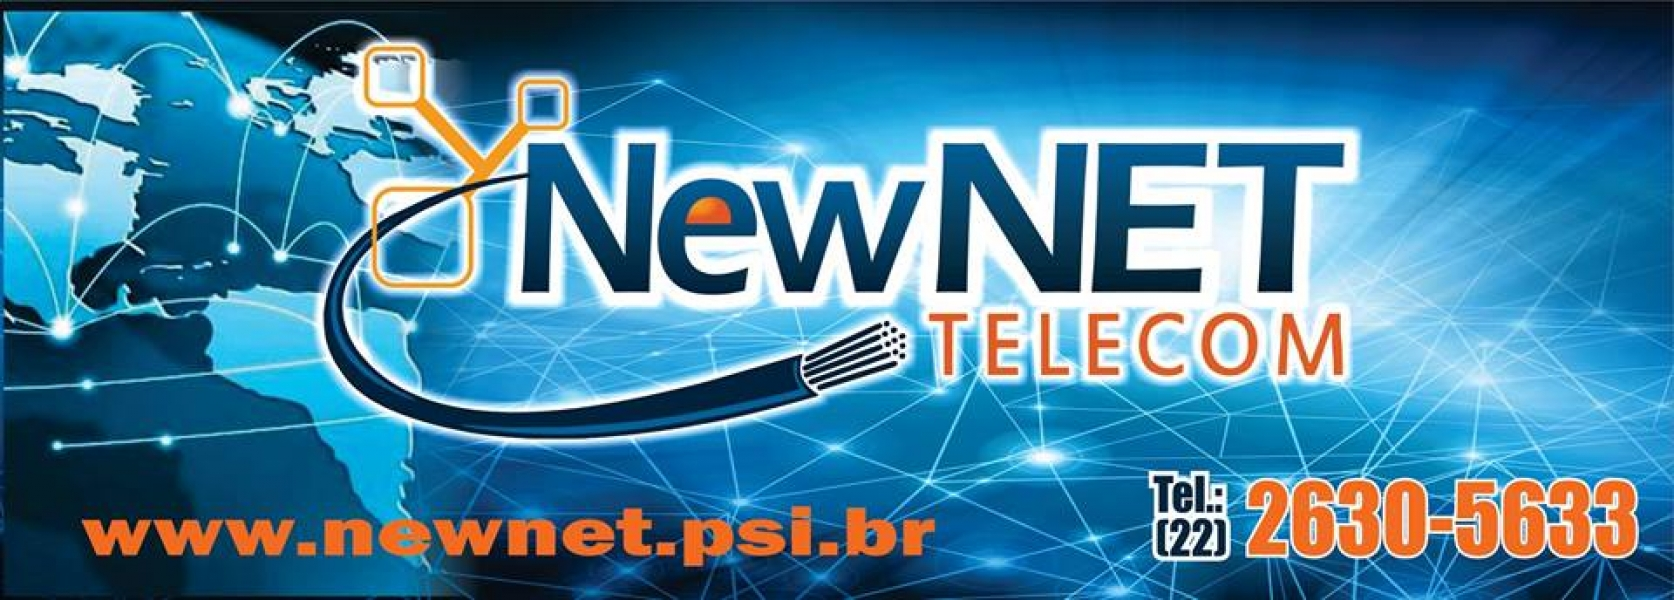 NewNet Telecom